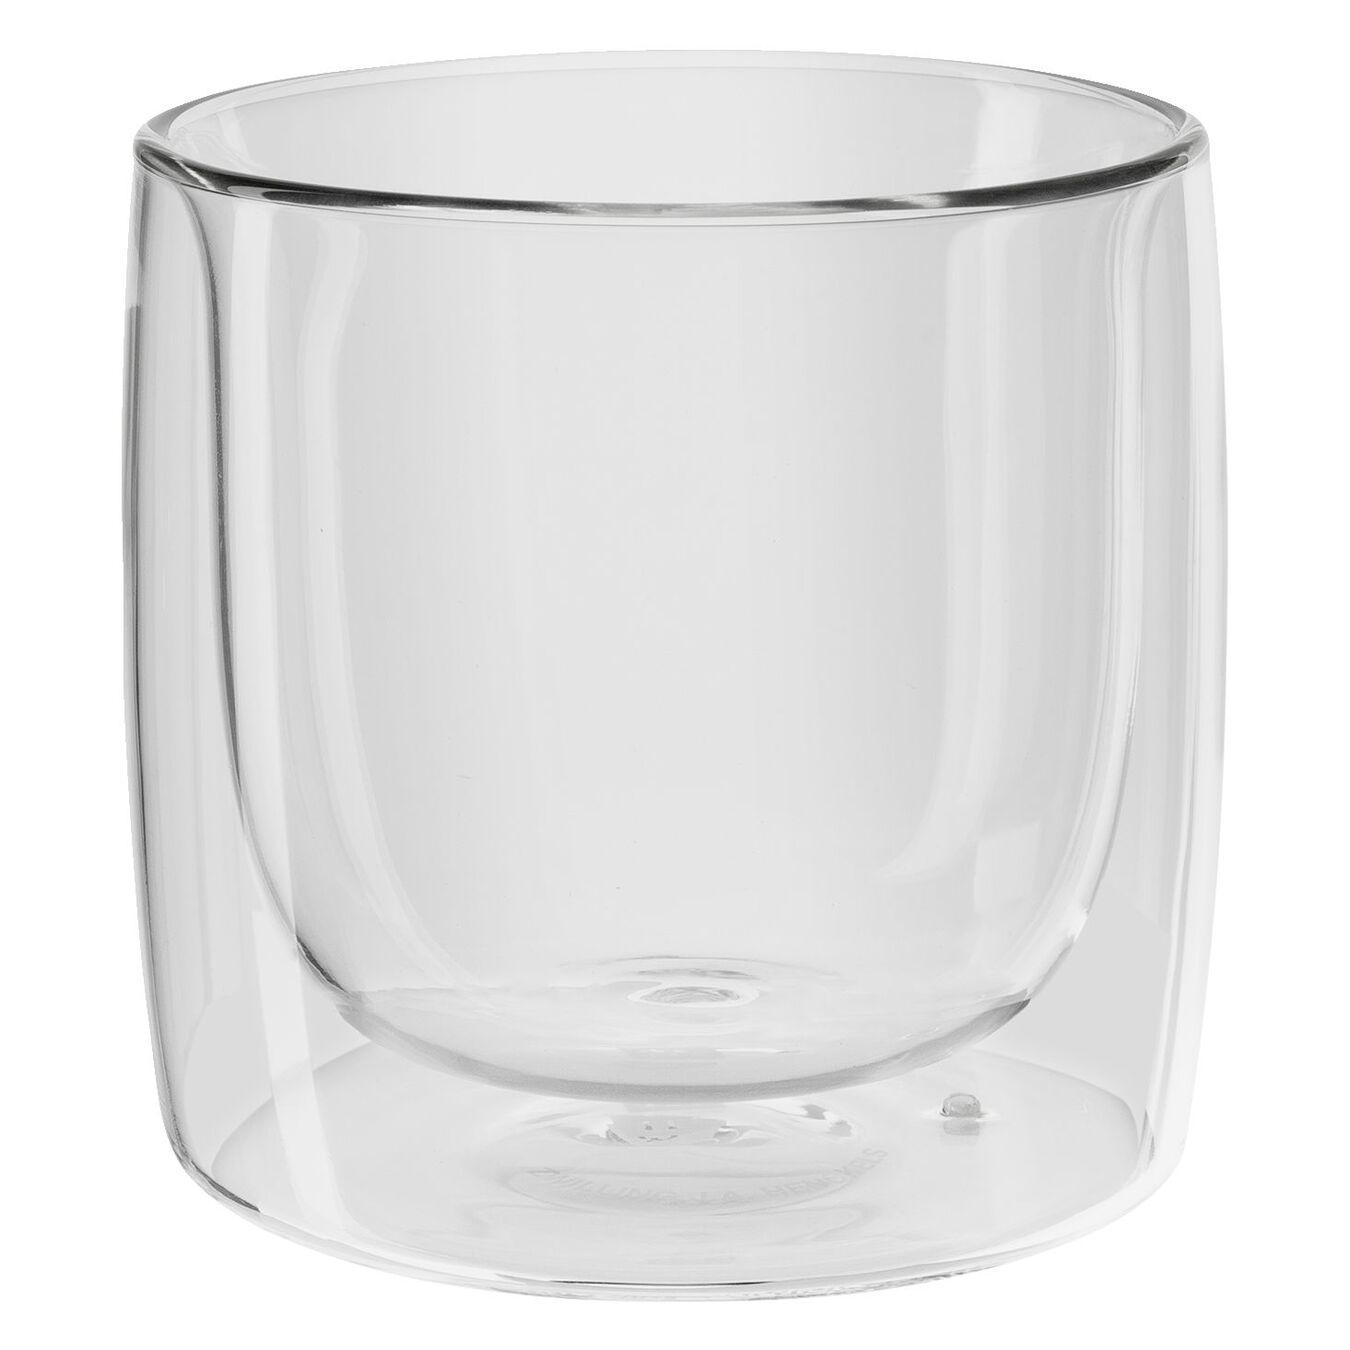 Whiskyglasset 270 ml / 2-tlg,,large 1